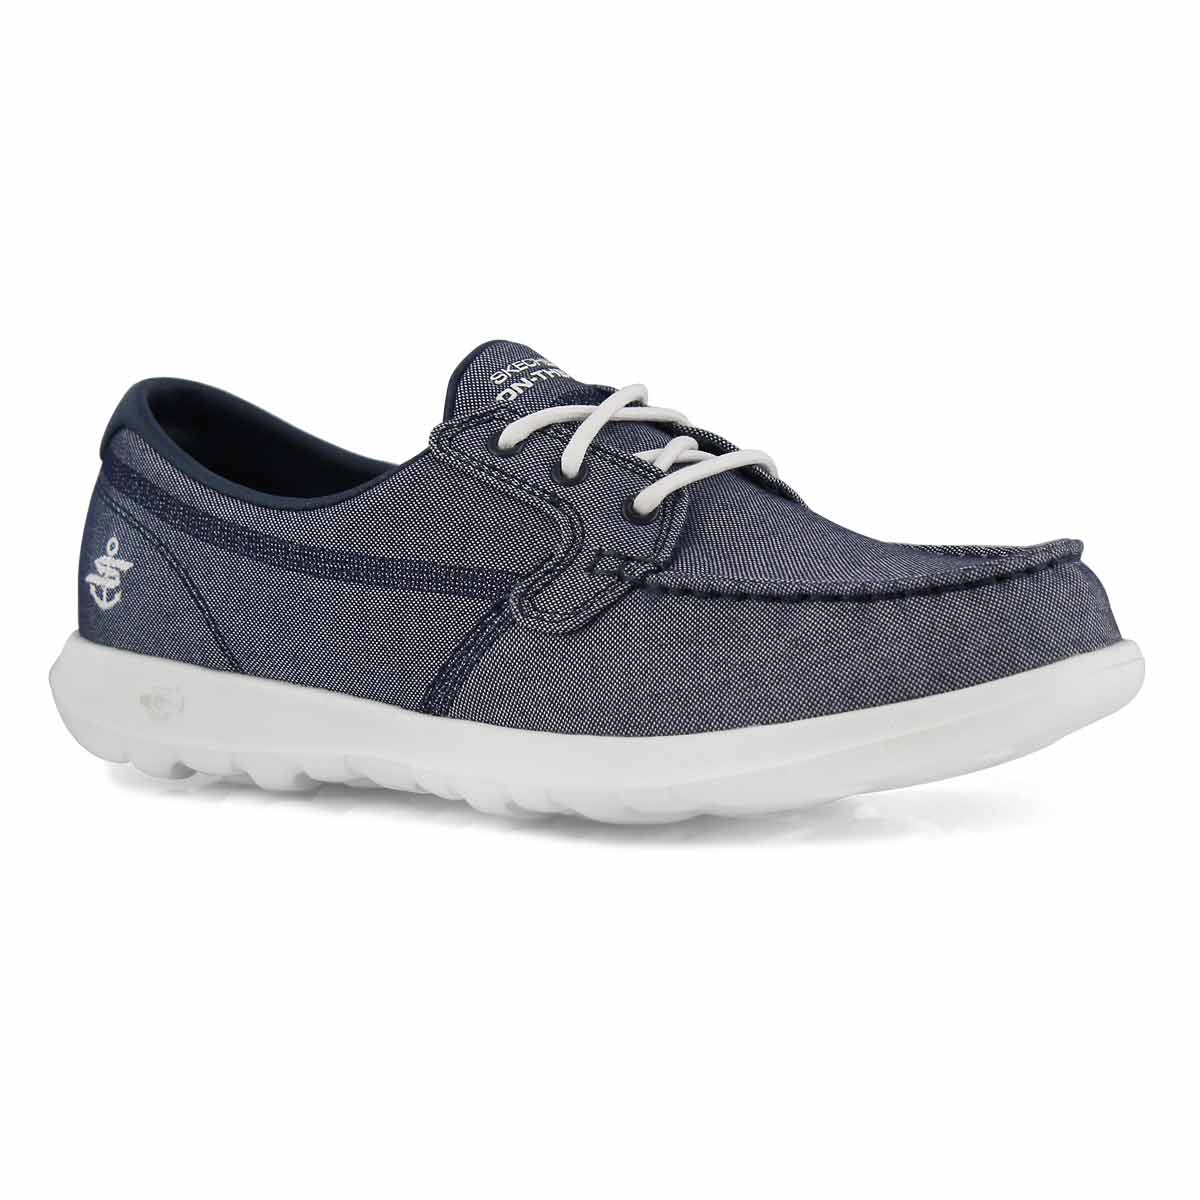 Lds GOwalk Lite navy boat shoe